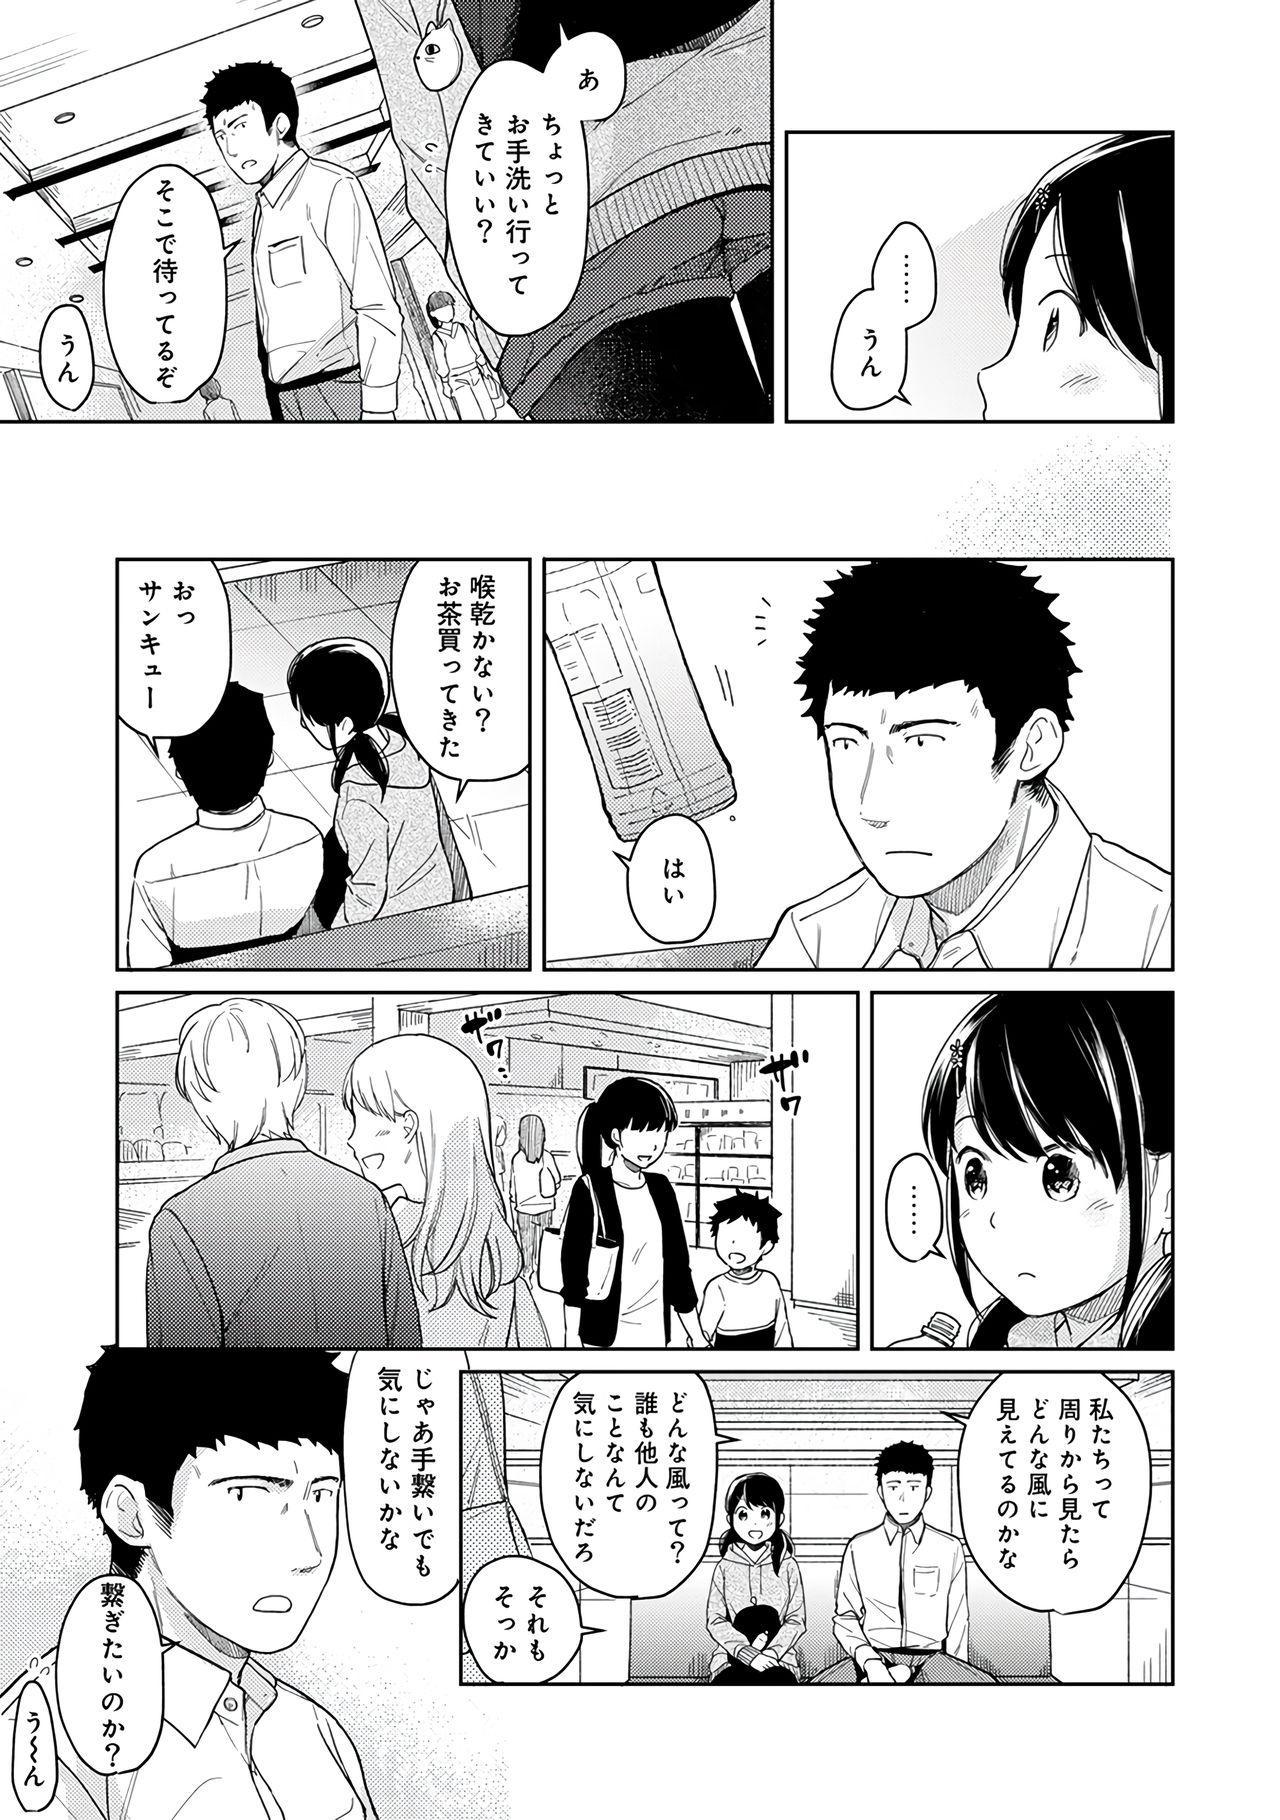 1LDK+JK Ikinari Doukyo? Micchaku!? Hatsu Ecchi!!? Vol.2 152